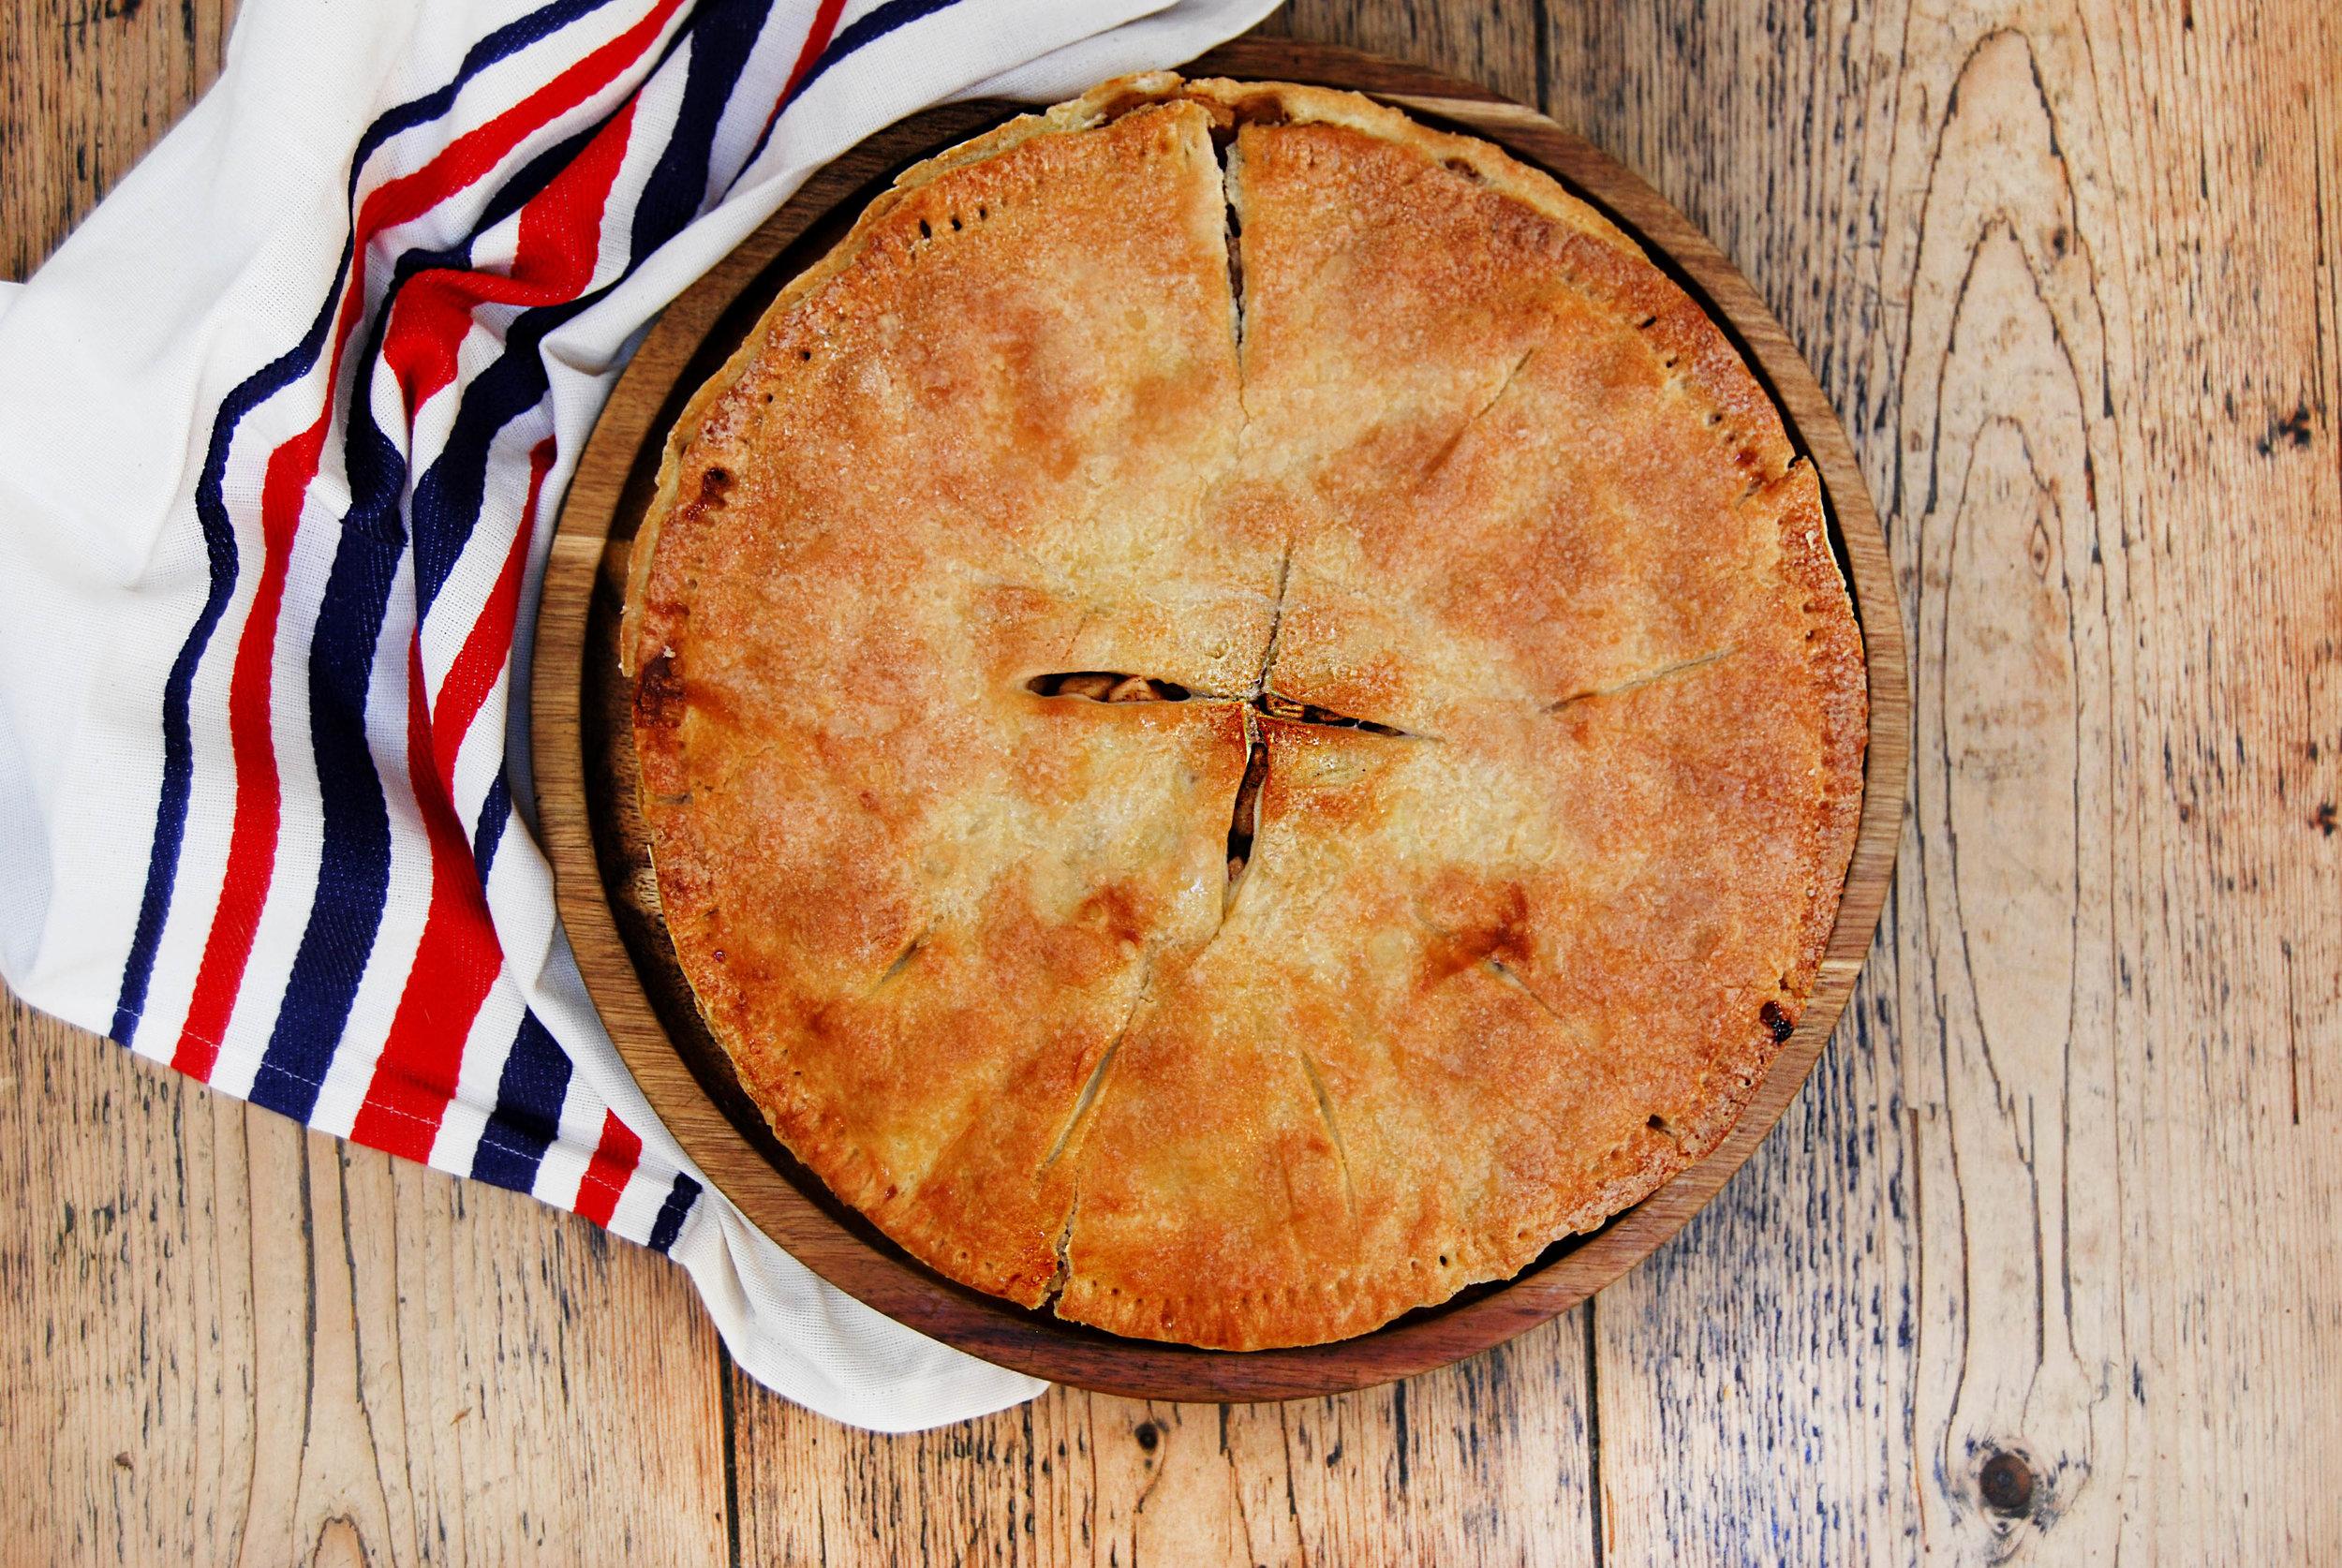 apple pie 4th of july web.jpg